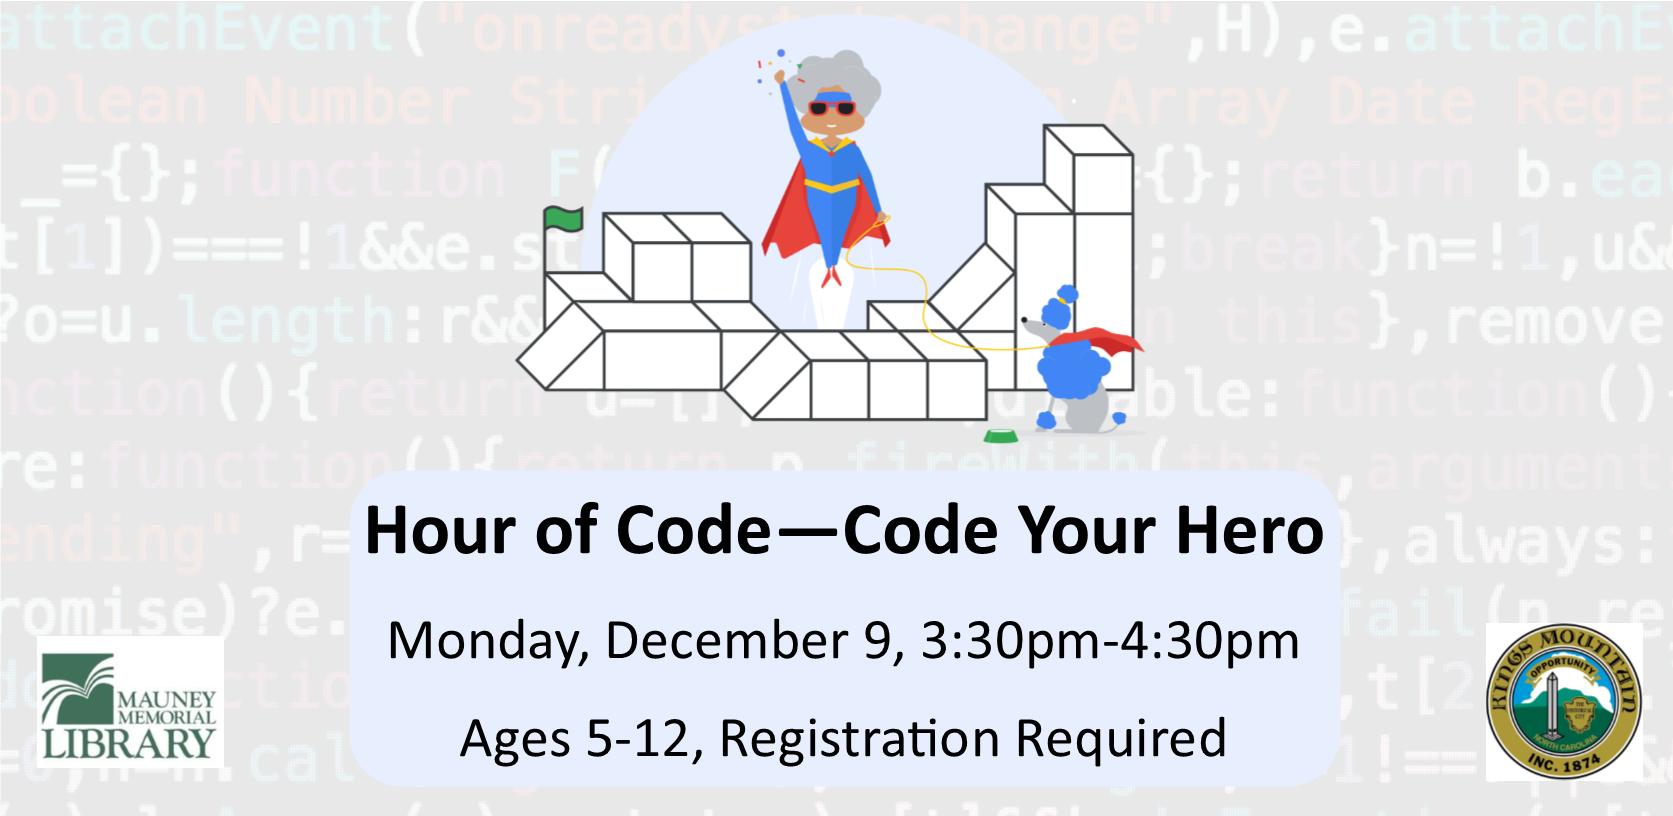 Code Your Hero